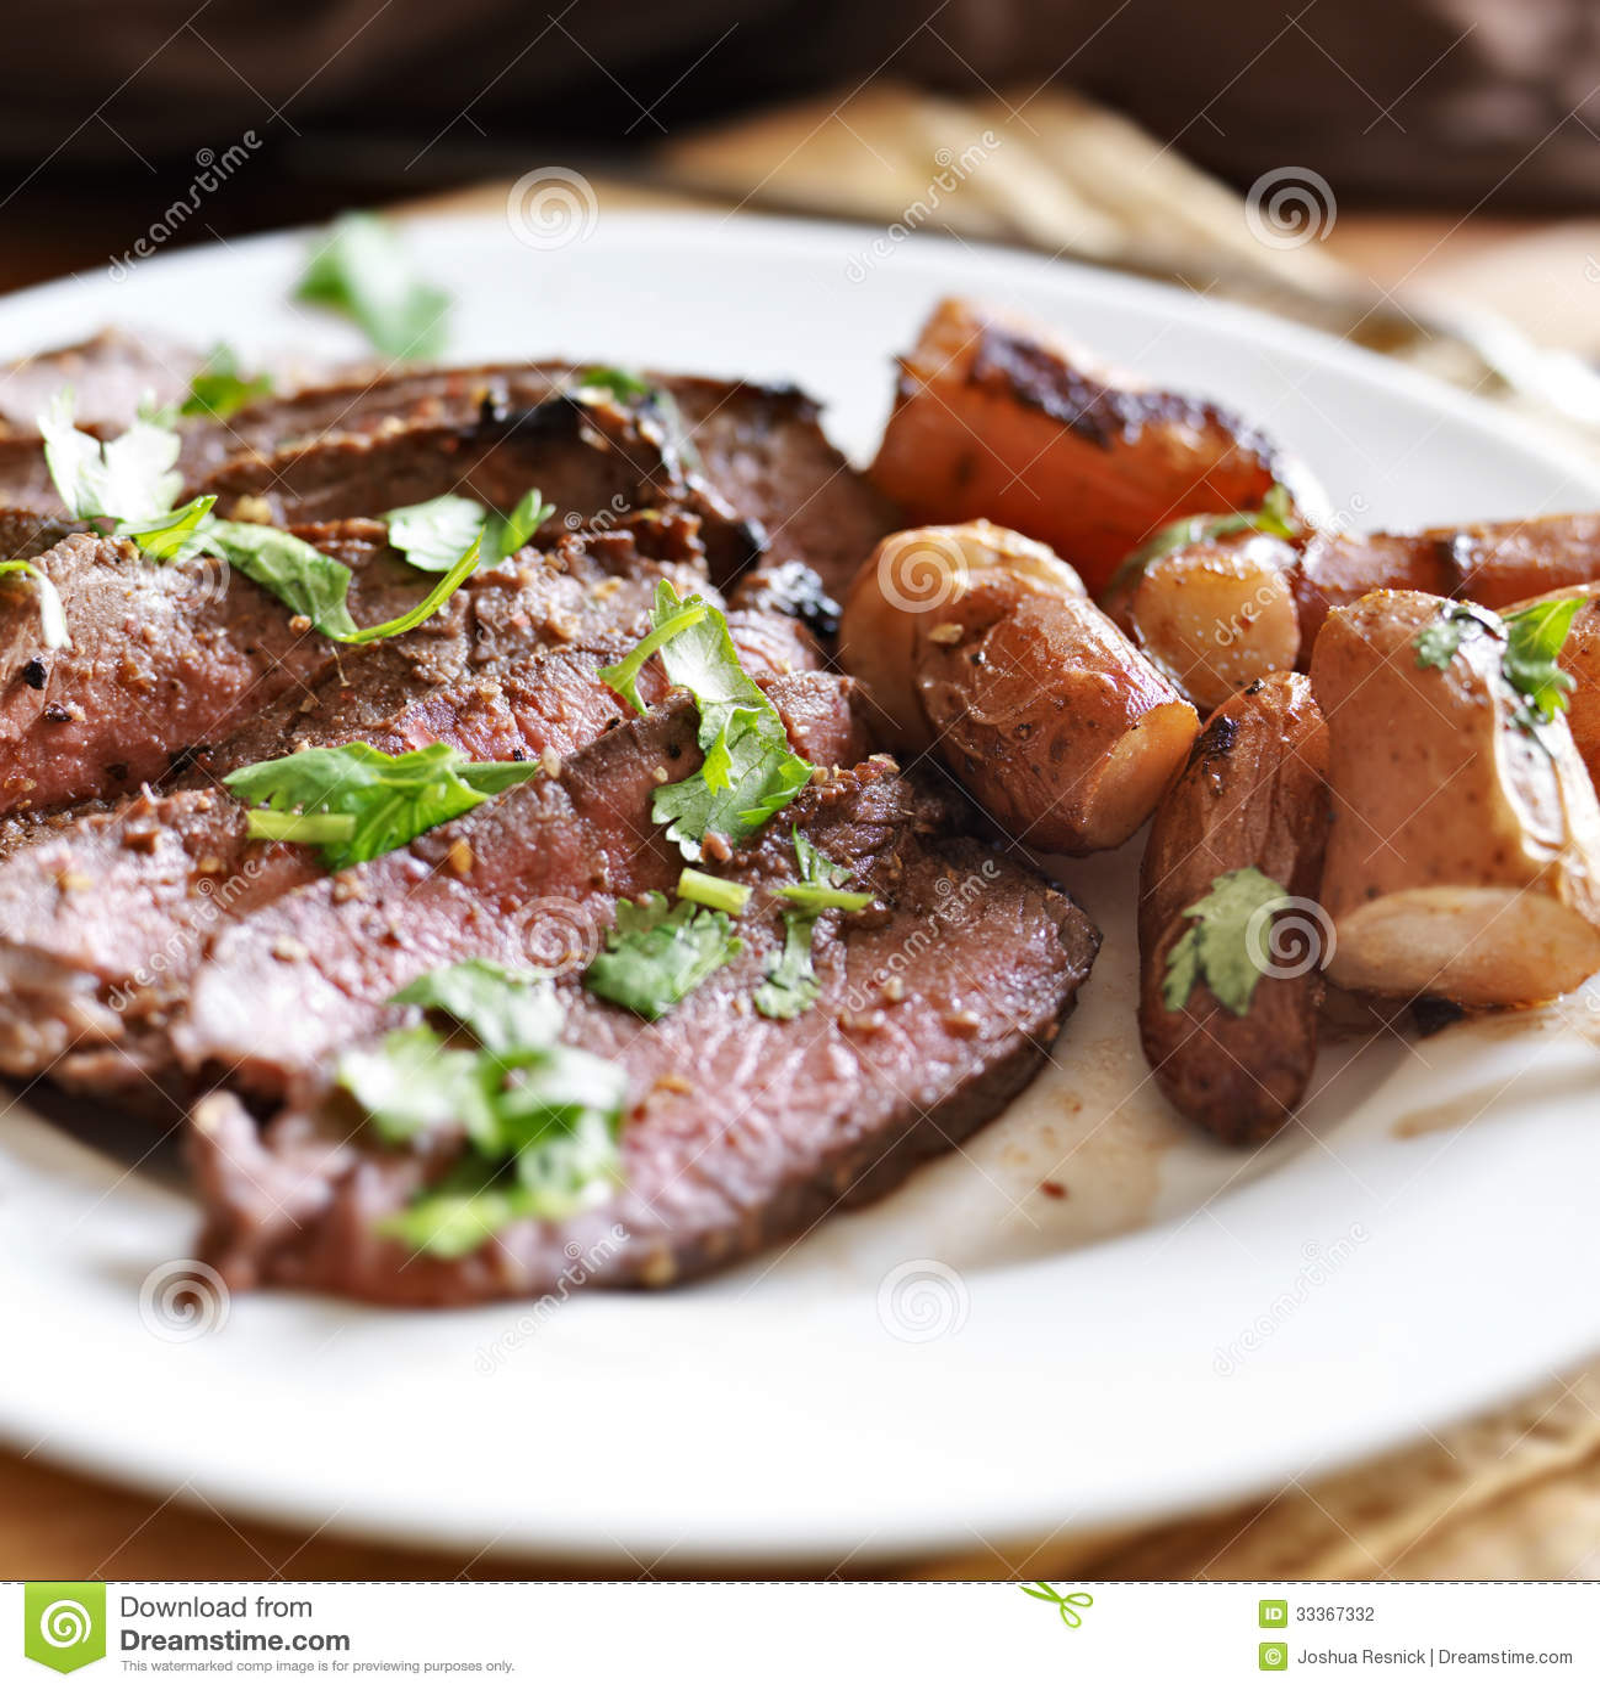 Londra cuoce alla griglia l arrosto di manzo